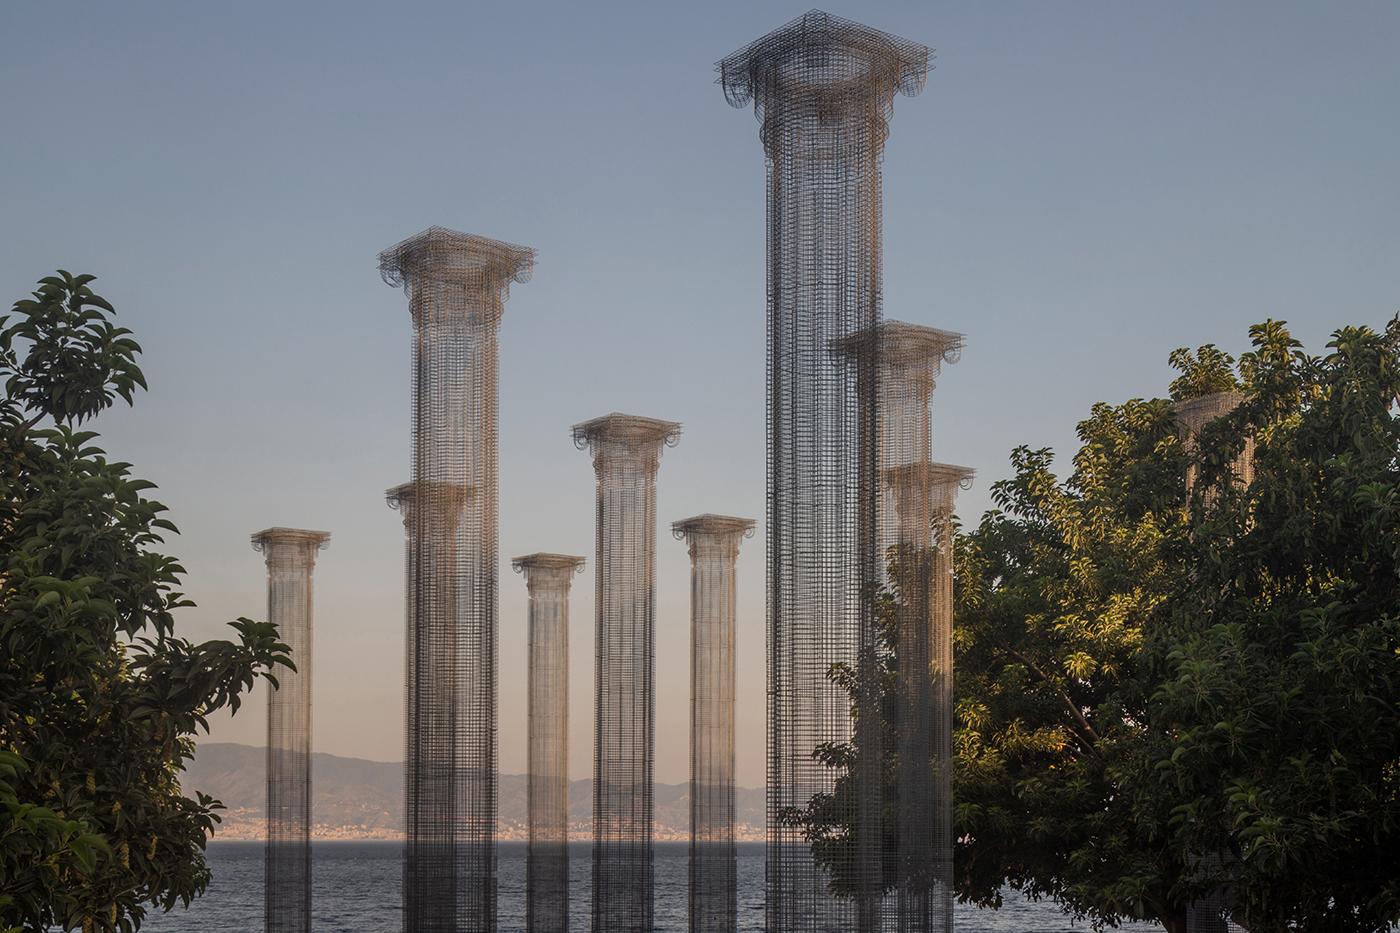 Lievi e aeree colonne. Immagini della nuova installazione di Edoardo Tresoldi in Calabria